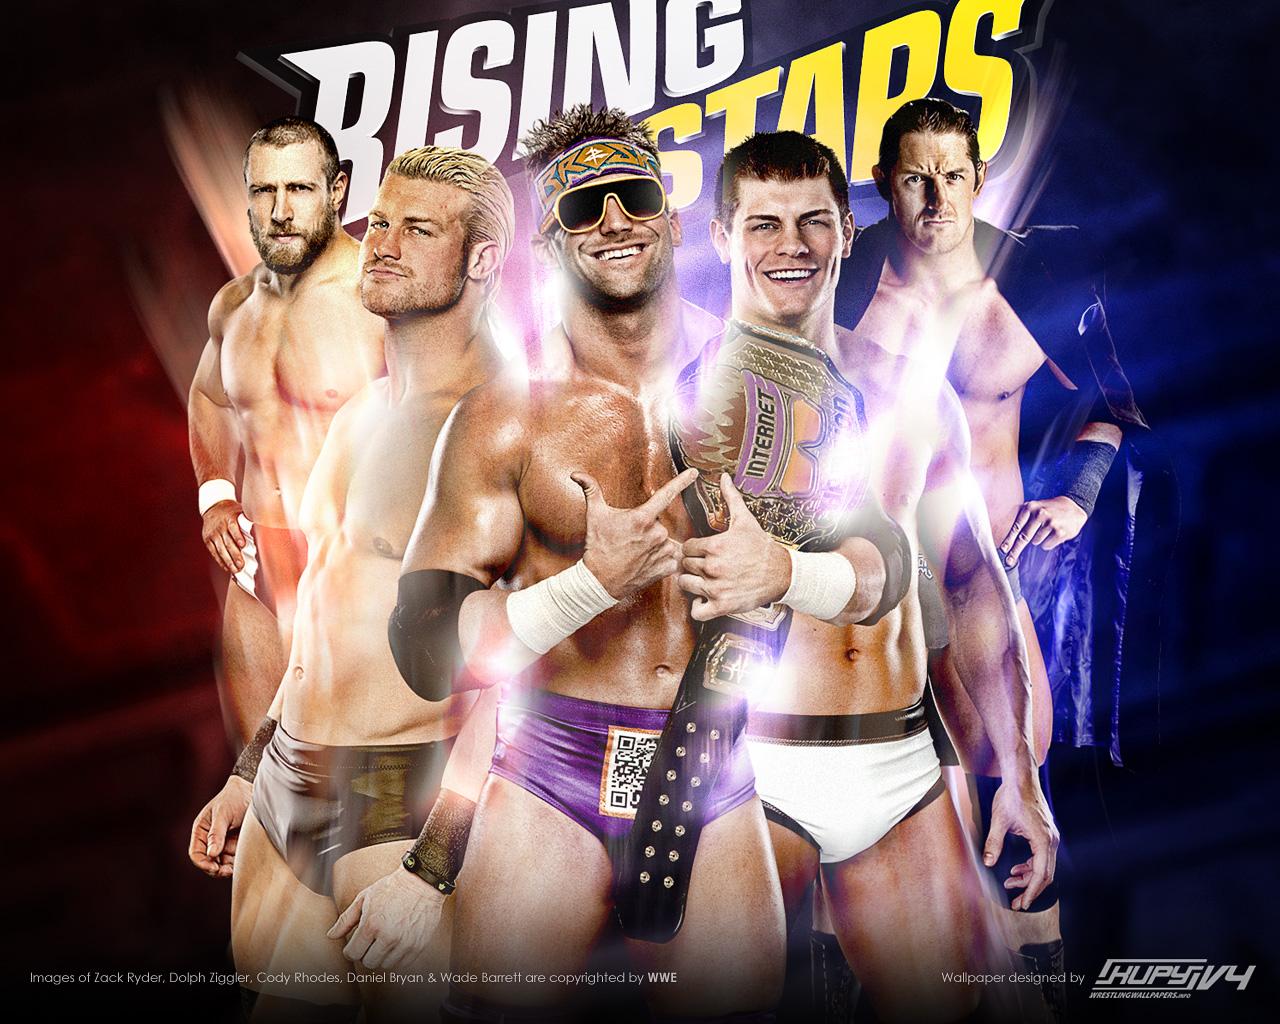 wwe rising stars wallpaper kupy wrestling wallpapersdotinfojpg 1280x1024